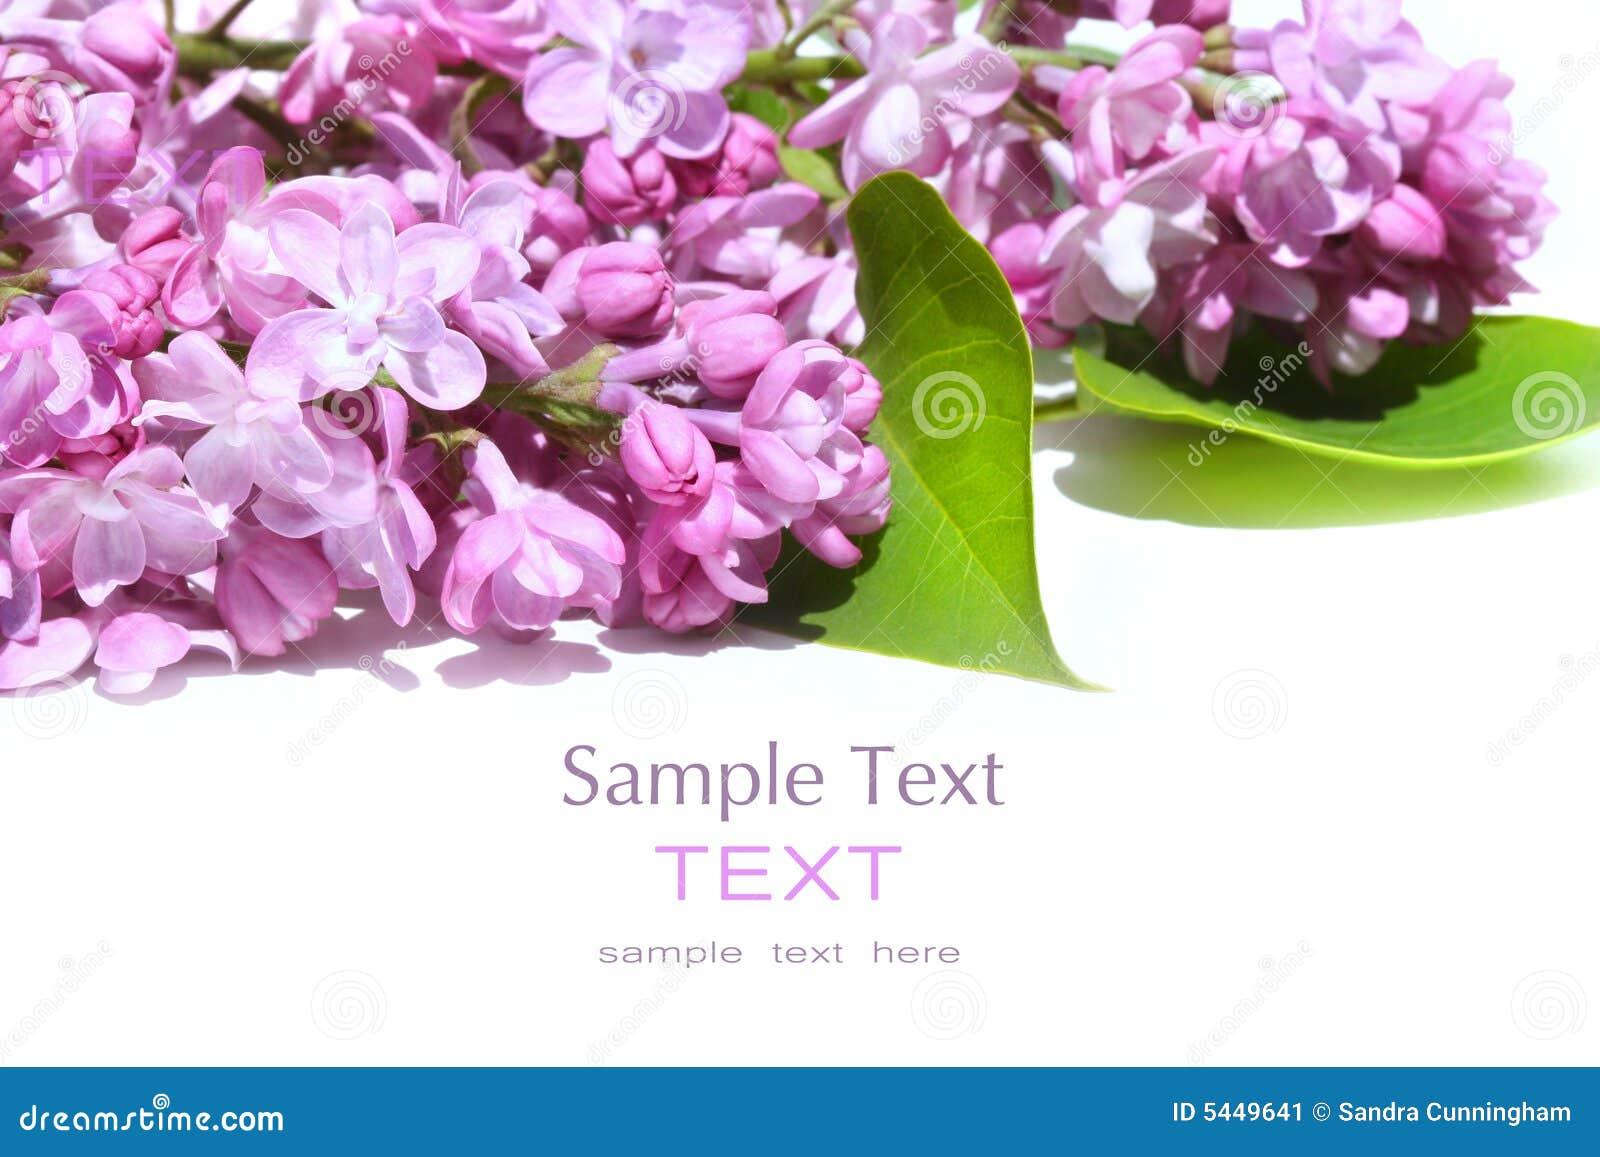 Flores de la lila aisladas contra blanco